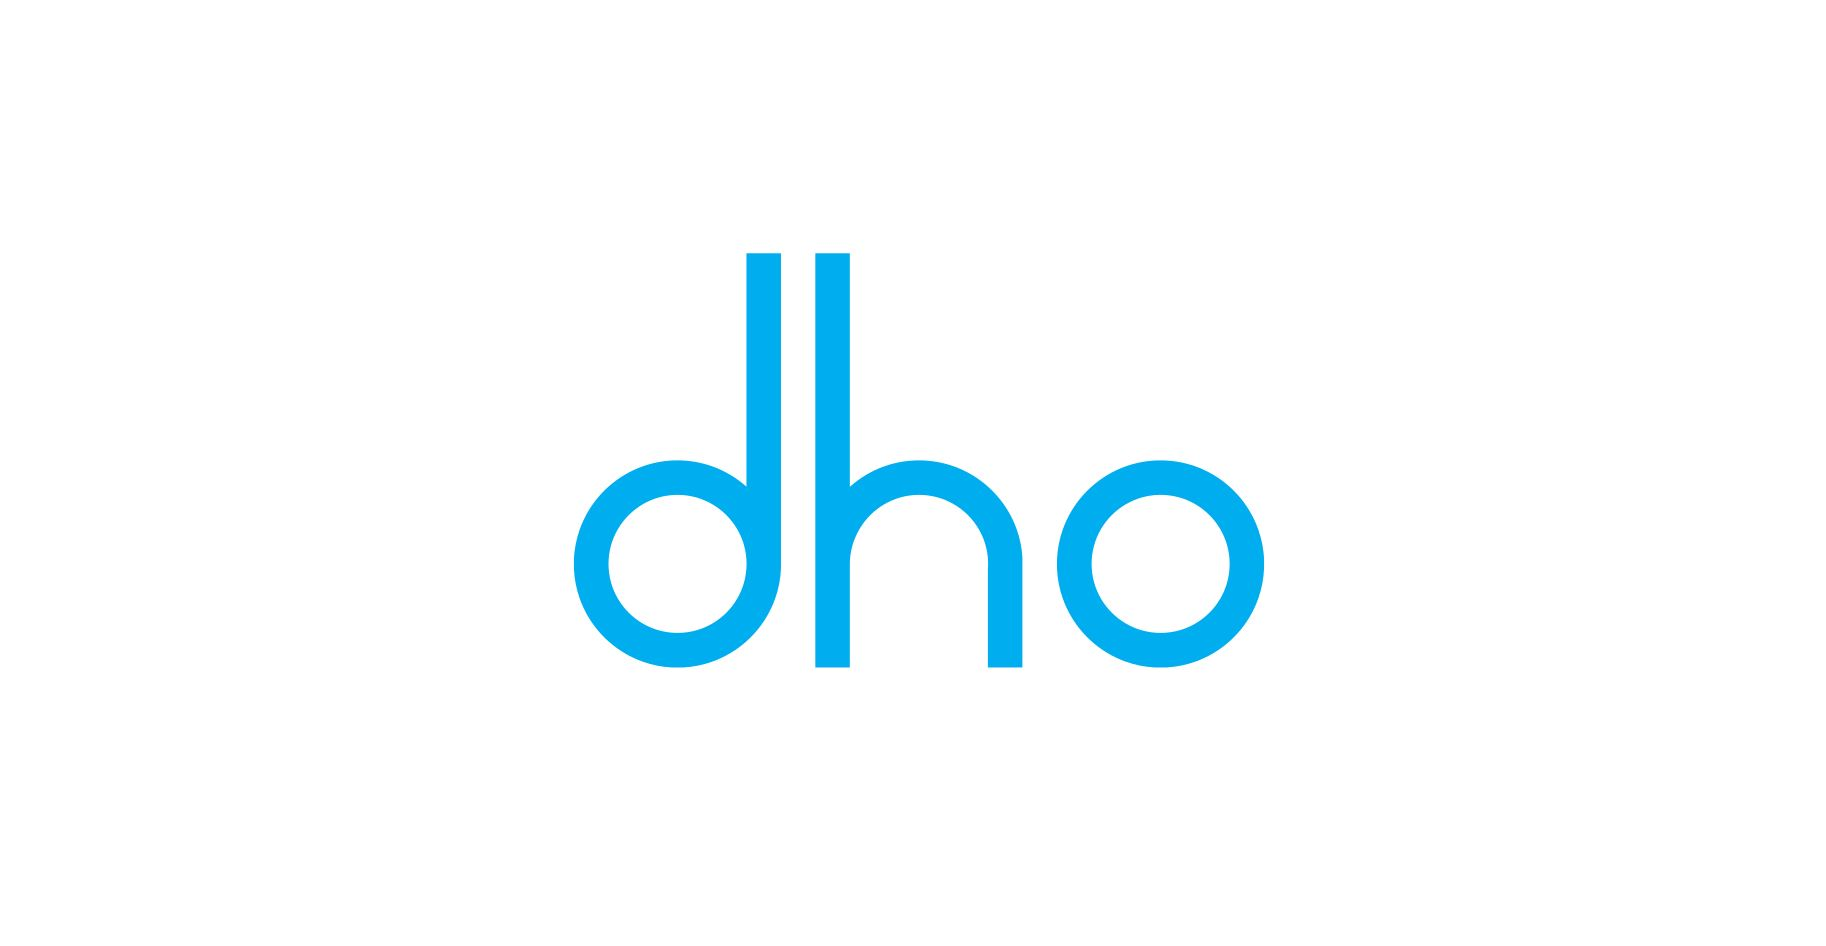 Logo des Digital Hubs Niedersachsen, drei Buchstaben dho in klein und hellblau